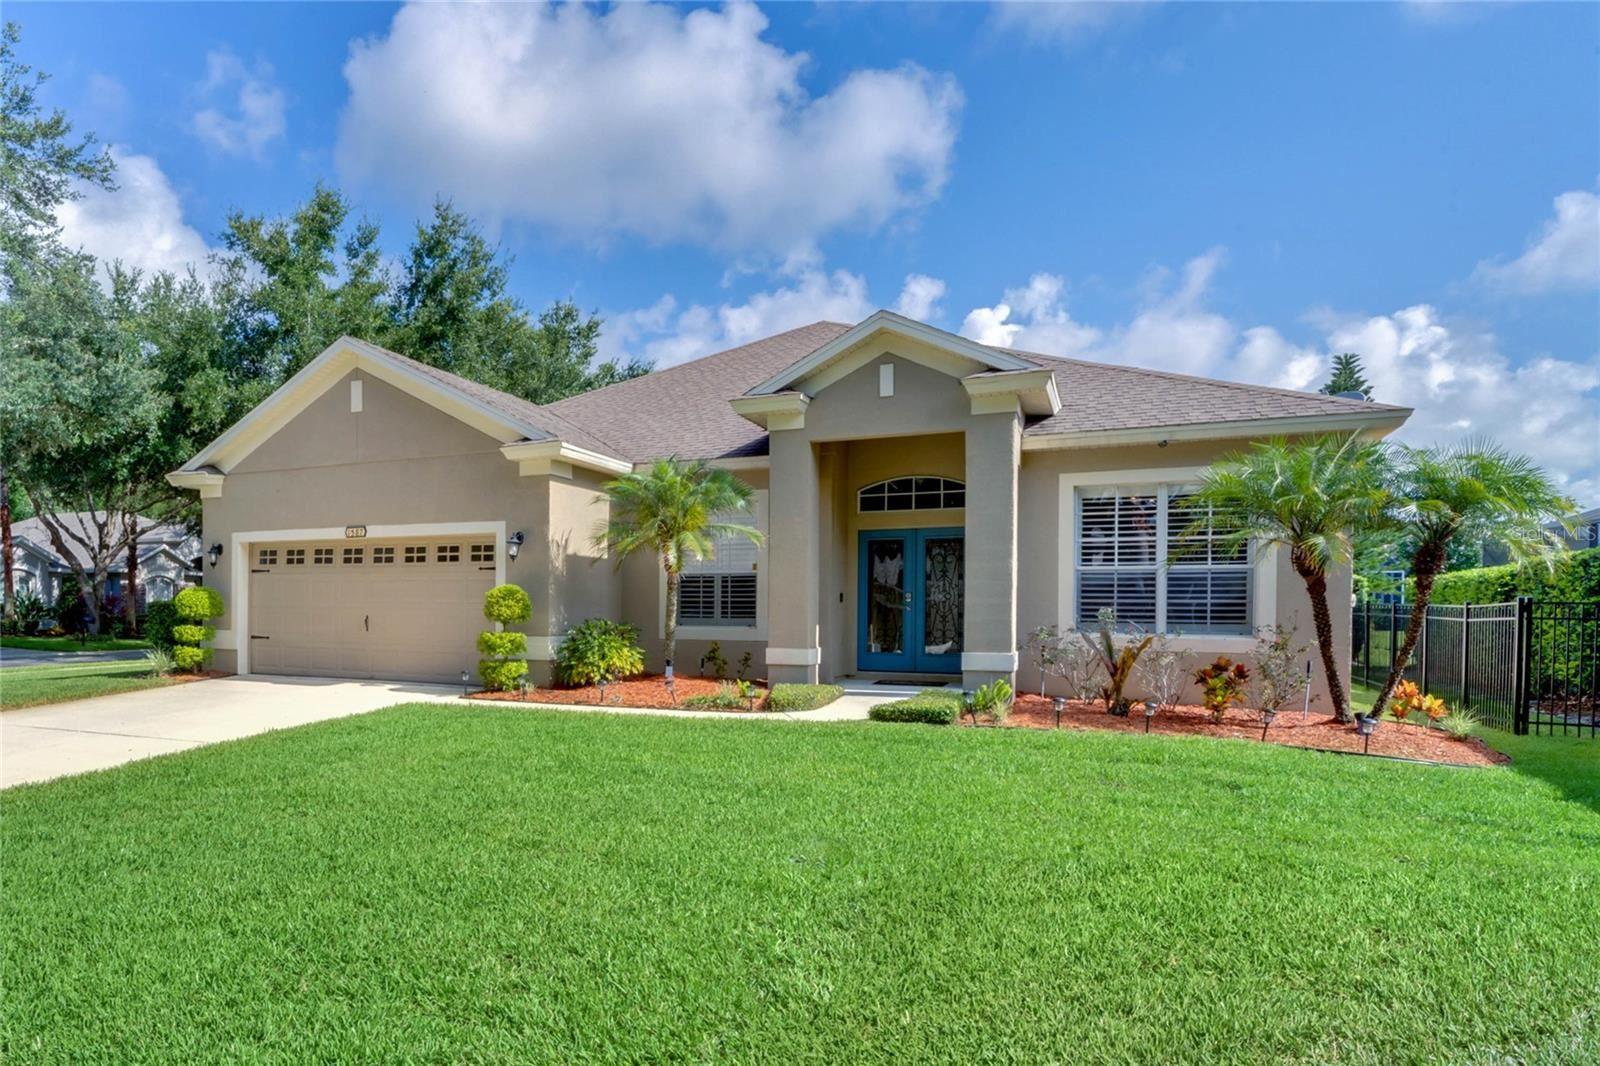 1587 CHERRY BLOSSOM TERRACE, Lake Mary, FL 32746 - #: O5960428